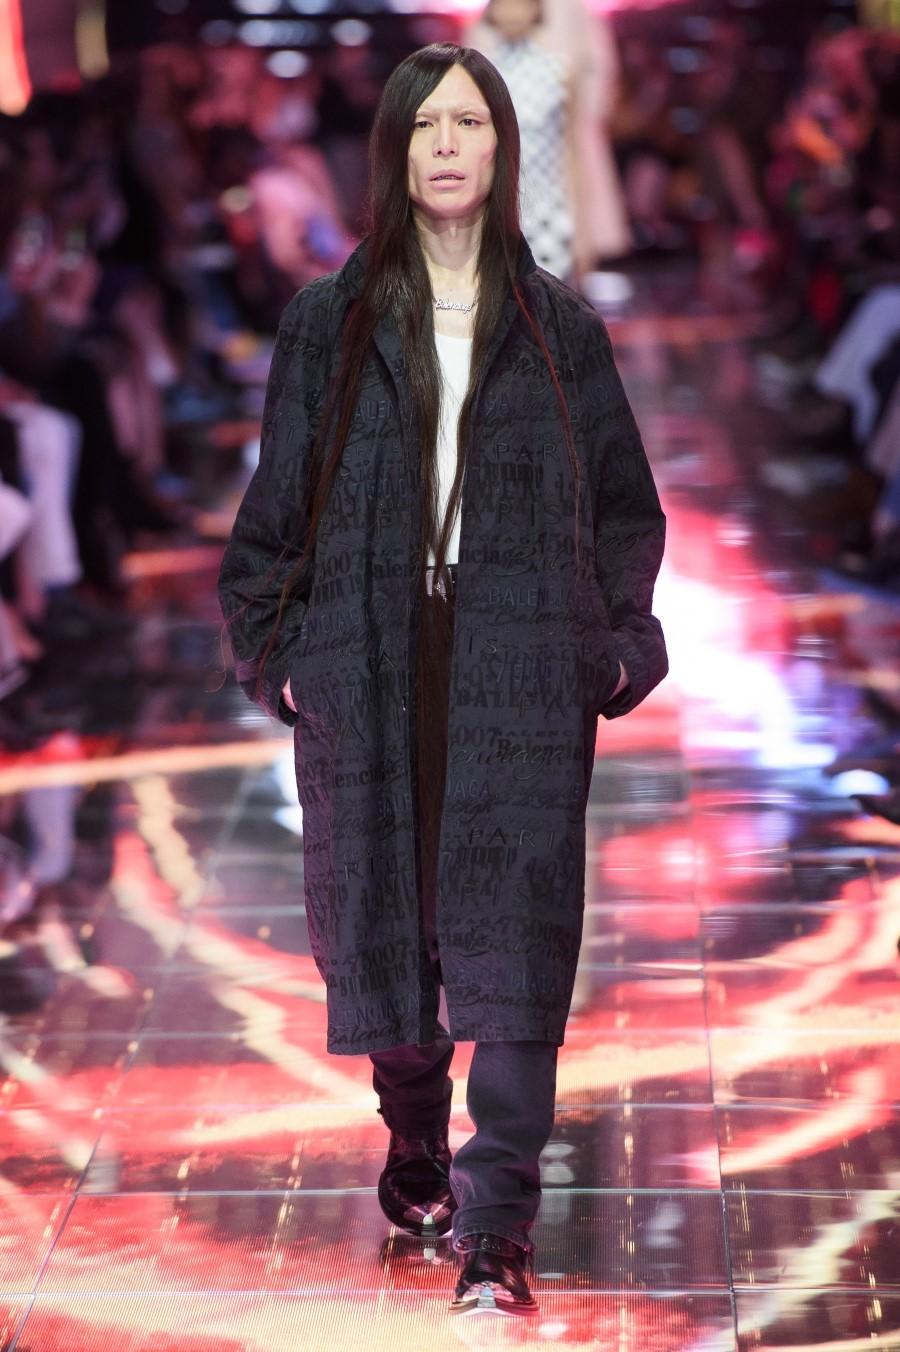 Balenciaga Printemps/Été 2019 – Paris Fashion Week